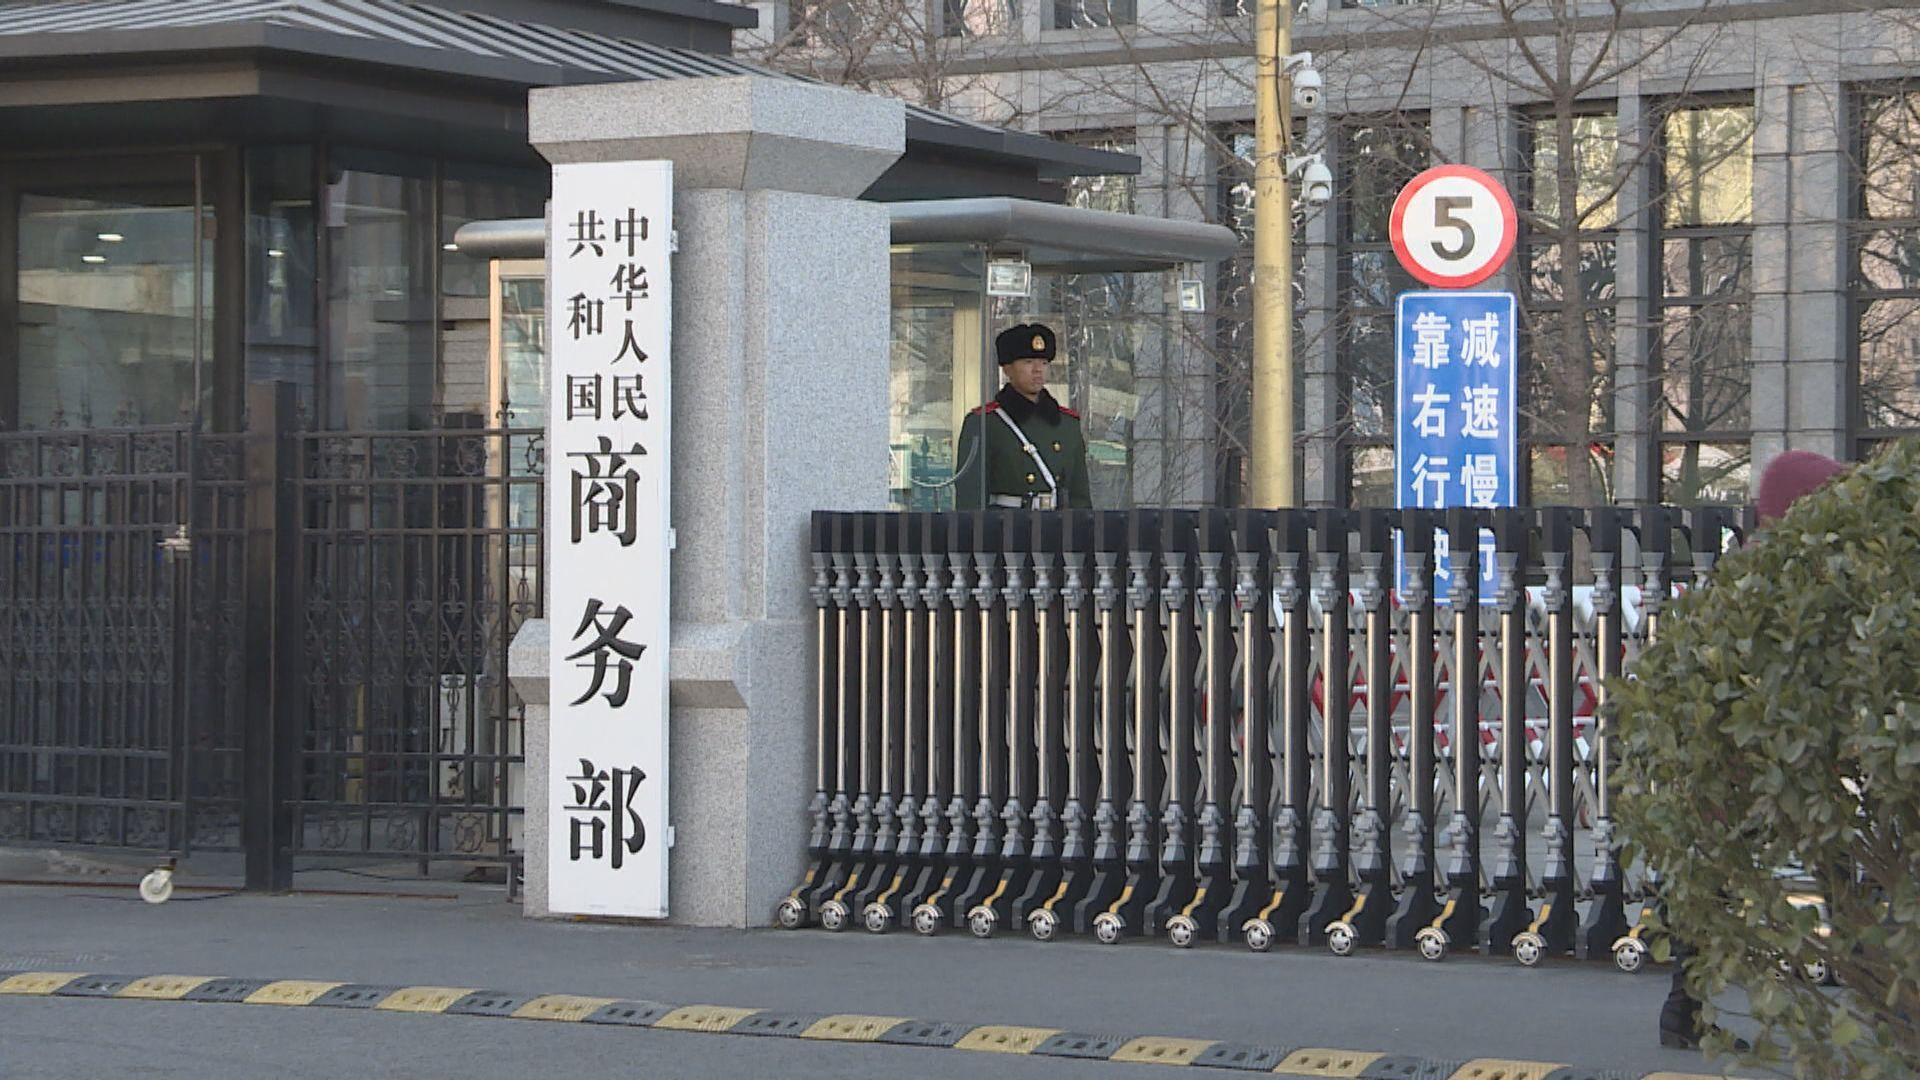 商務部:續研究出台政策 支持香港經濟